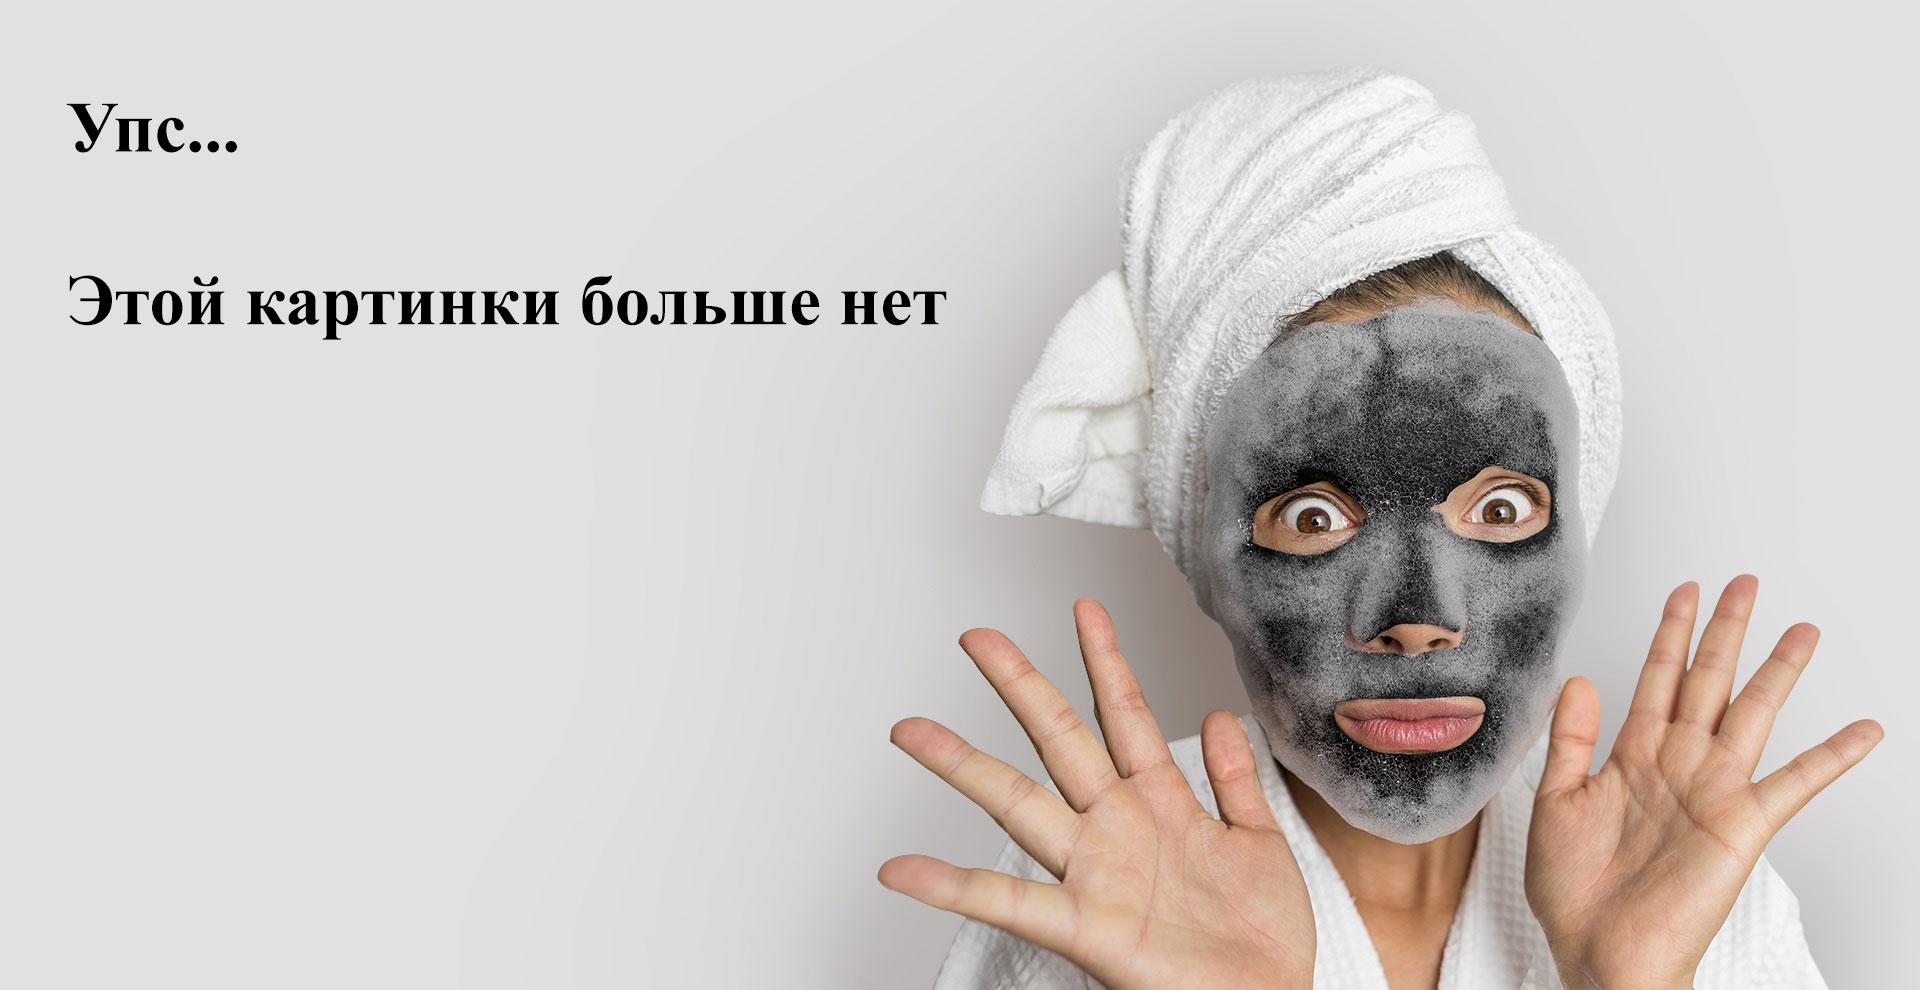 Siberina, Пенка для умывания «Мгновенное сияние кожи», 150 мл